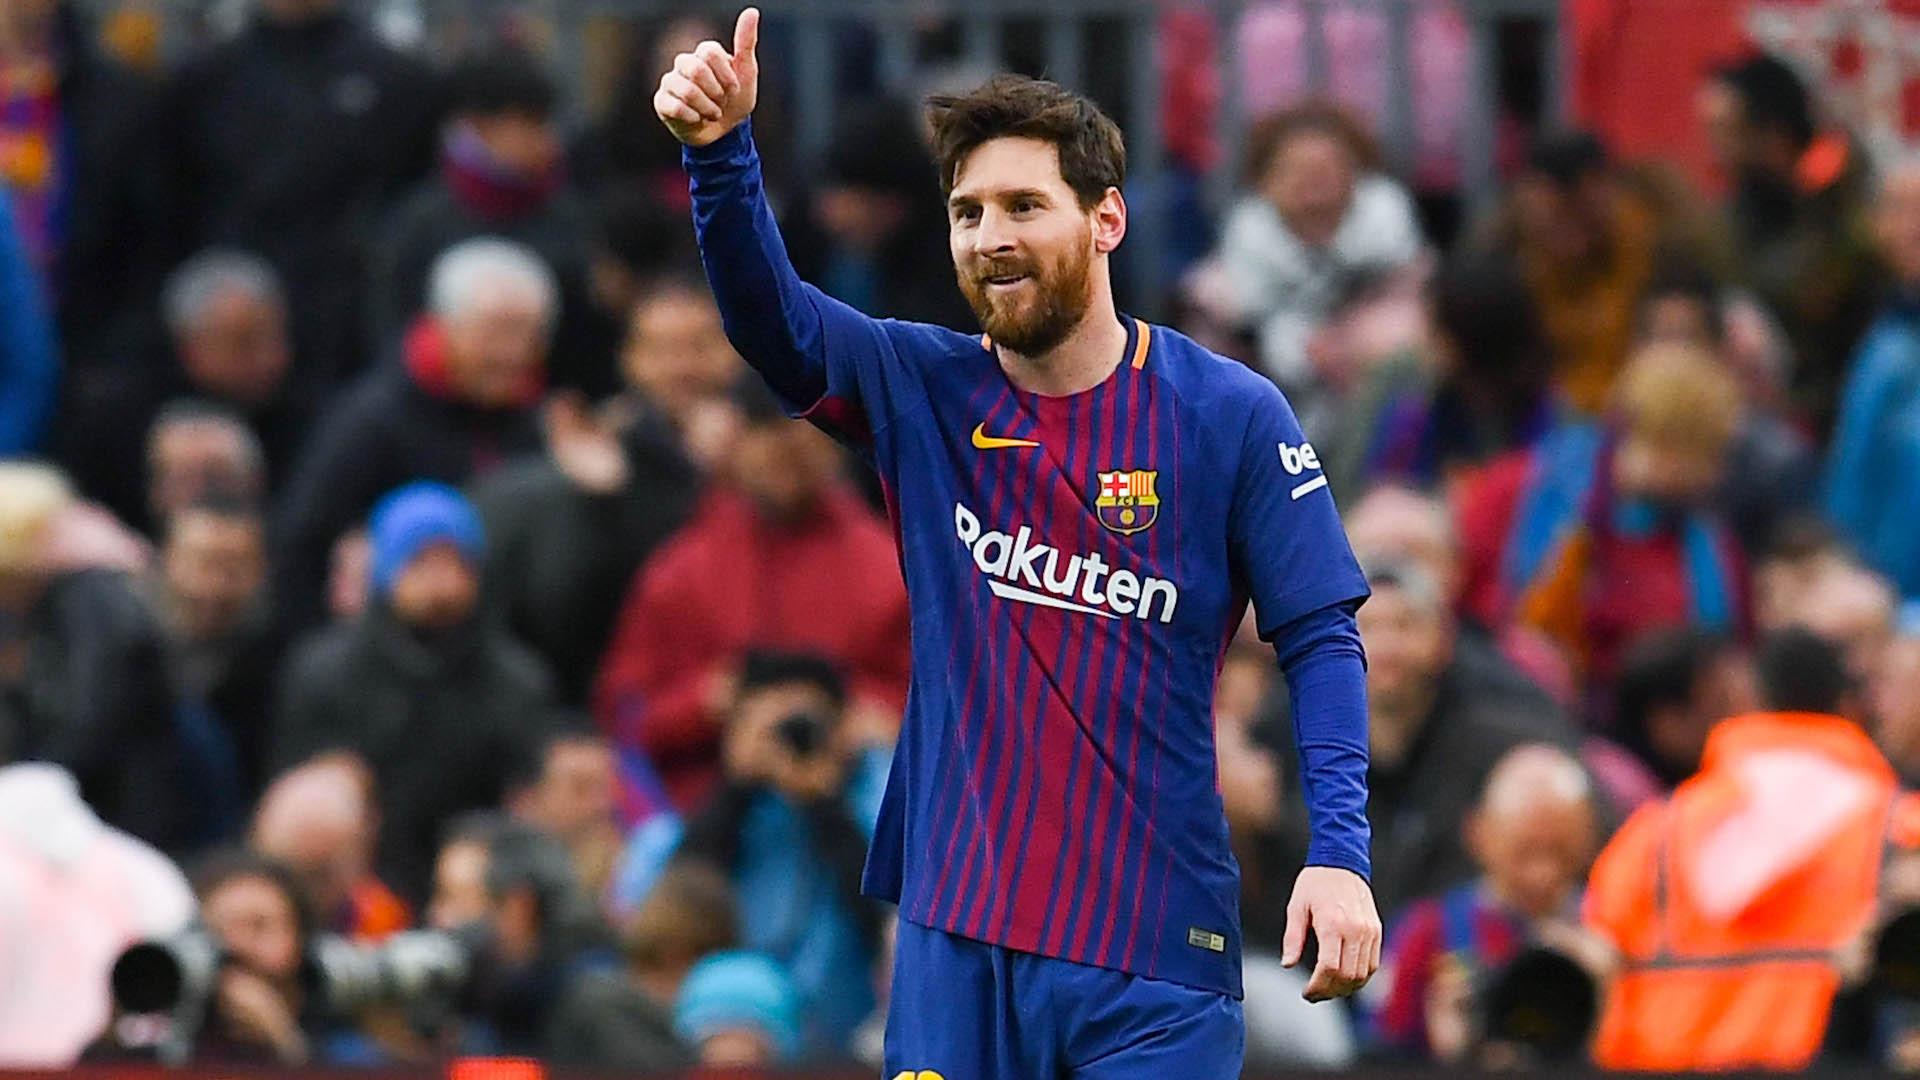 La maison de Messi freine l'expansion de l'aéroport de Barcelone